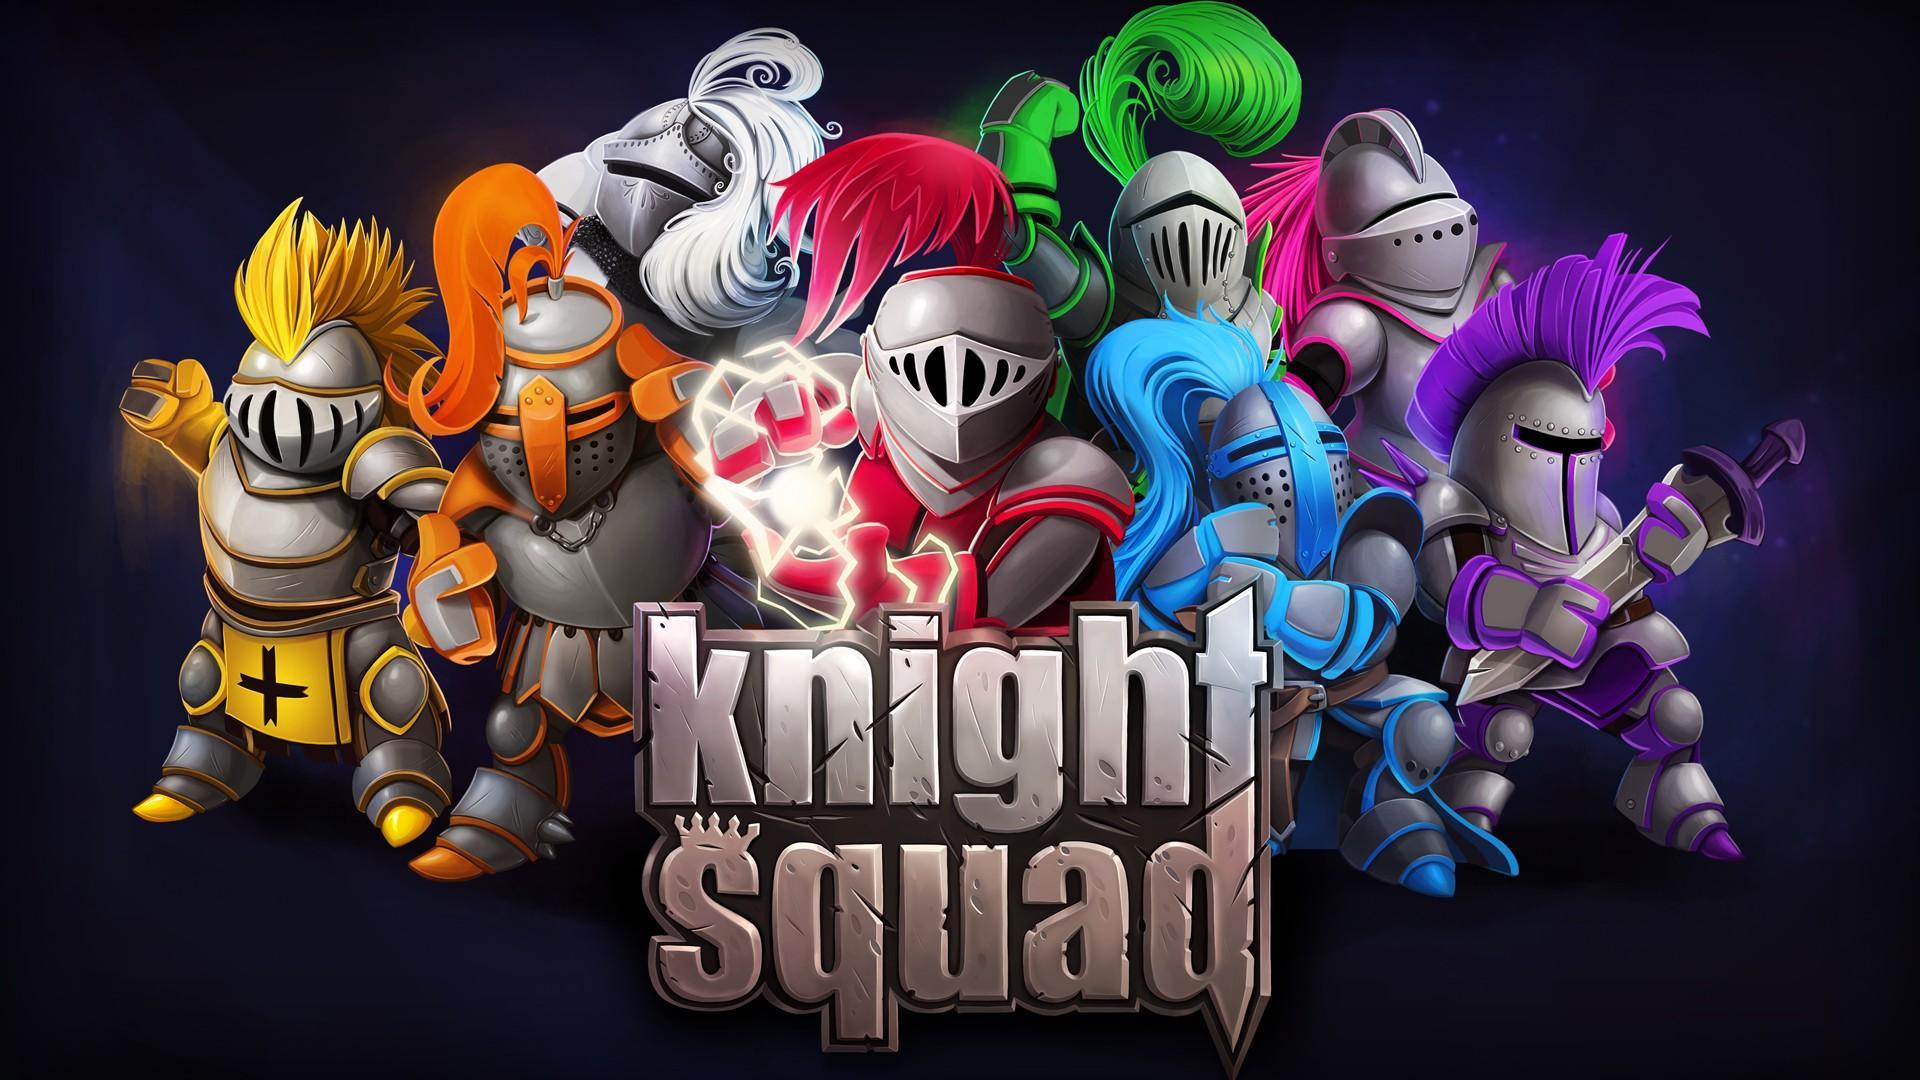 Knight Squad vượt mốc 1 triệu lượt tải về